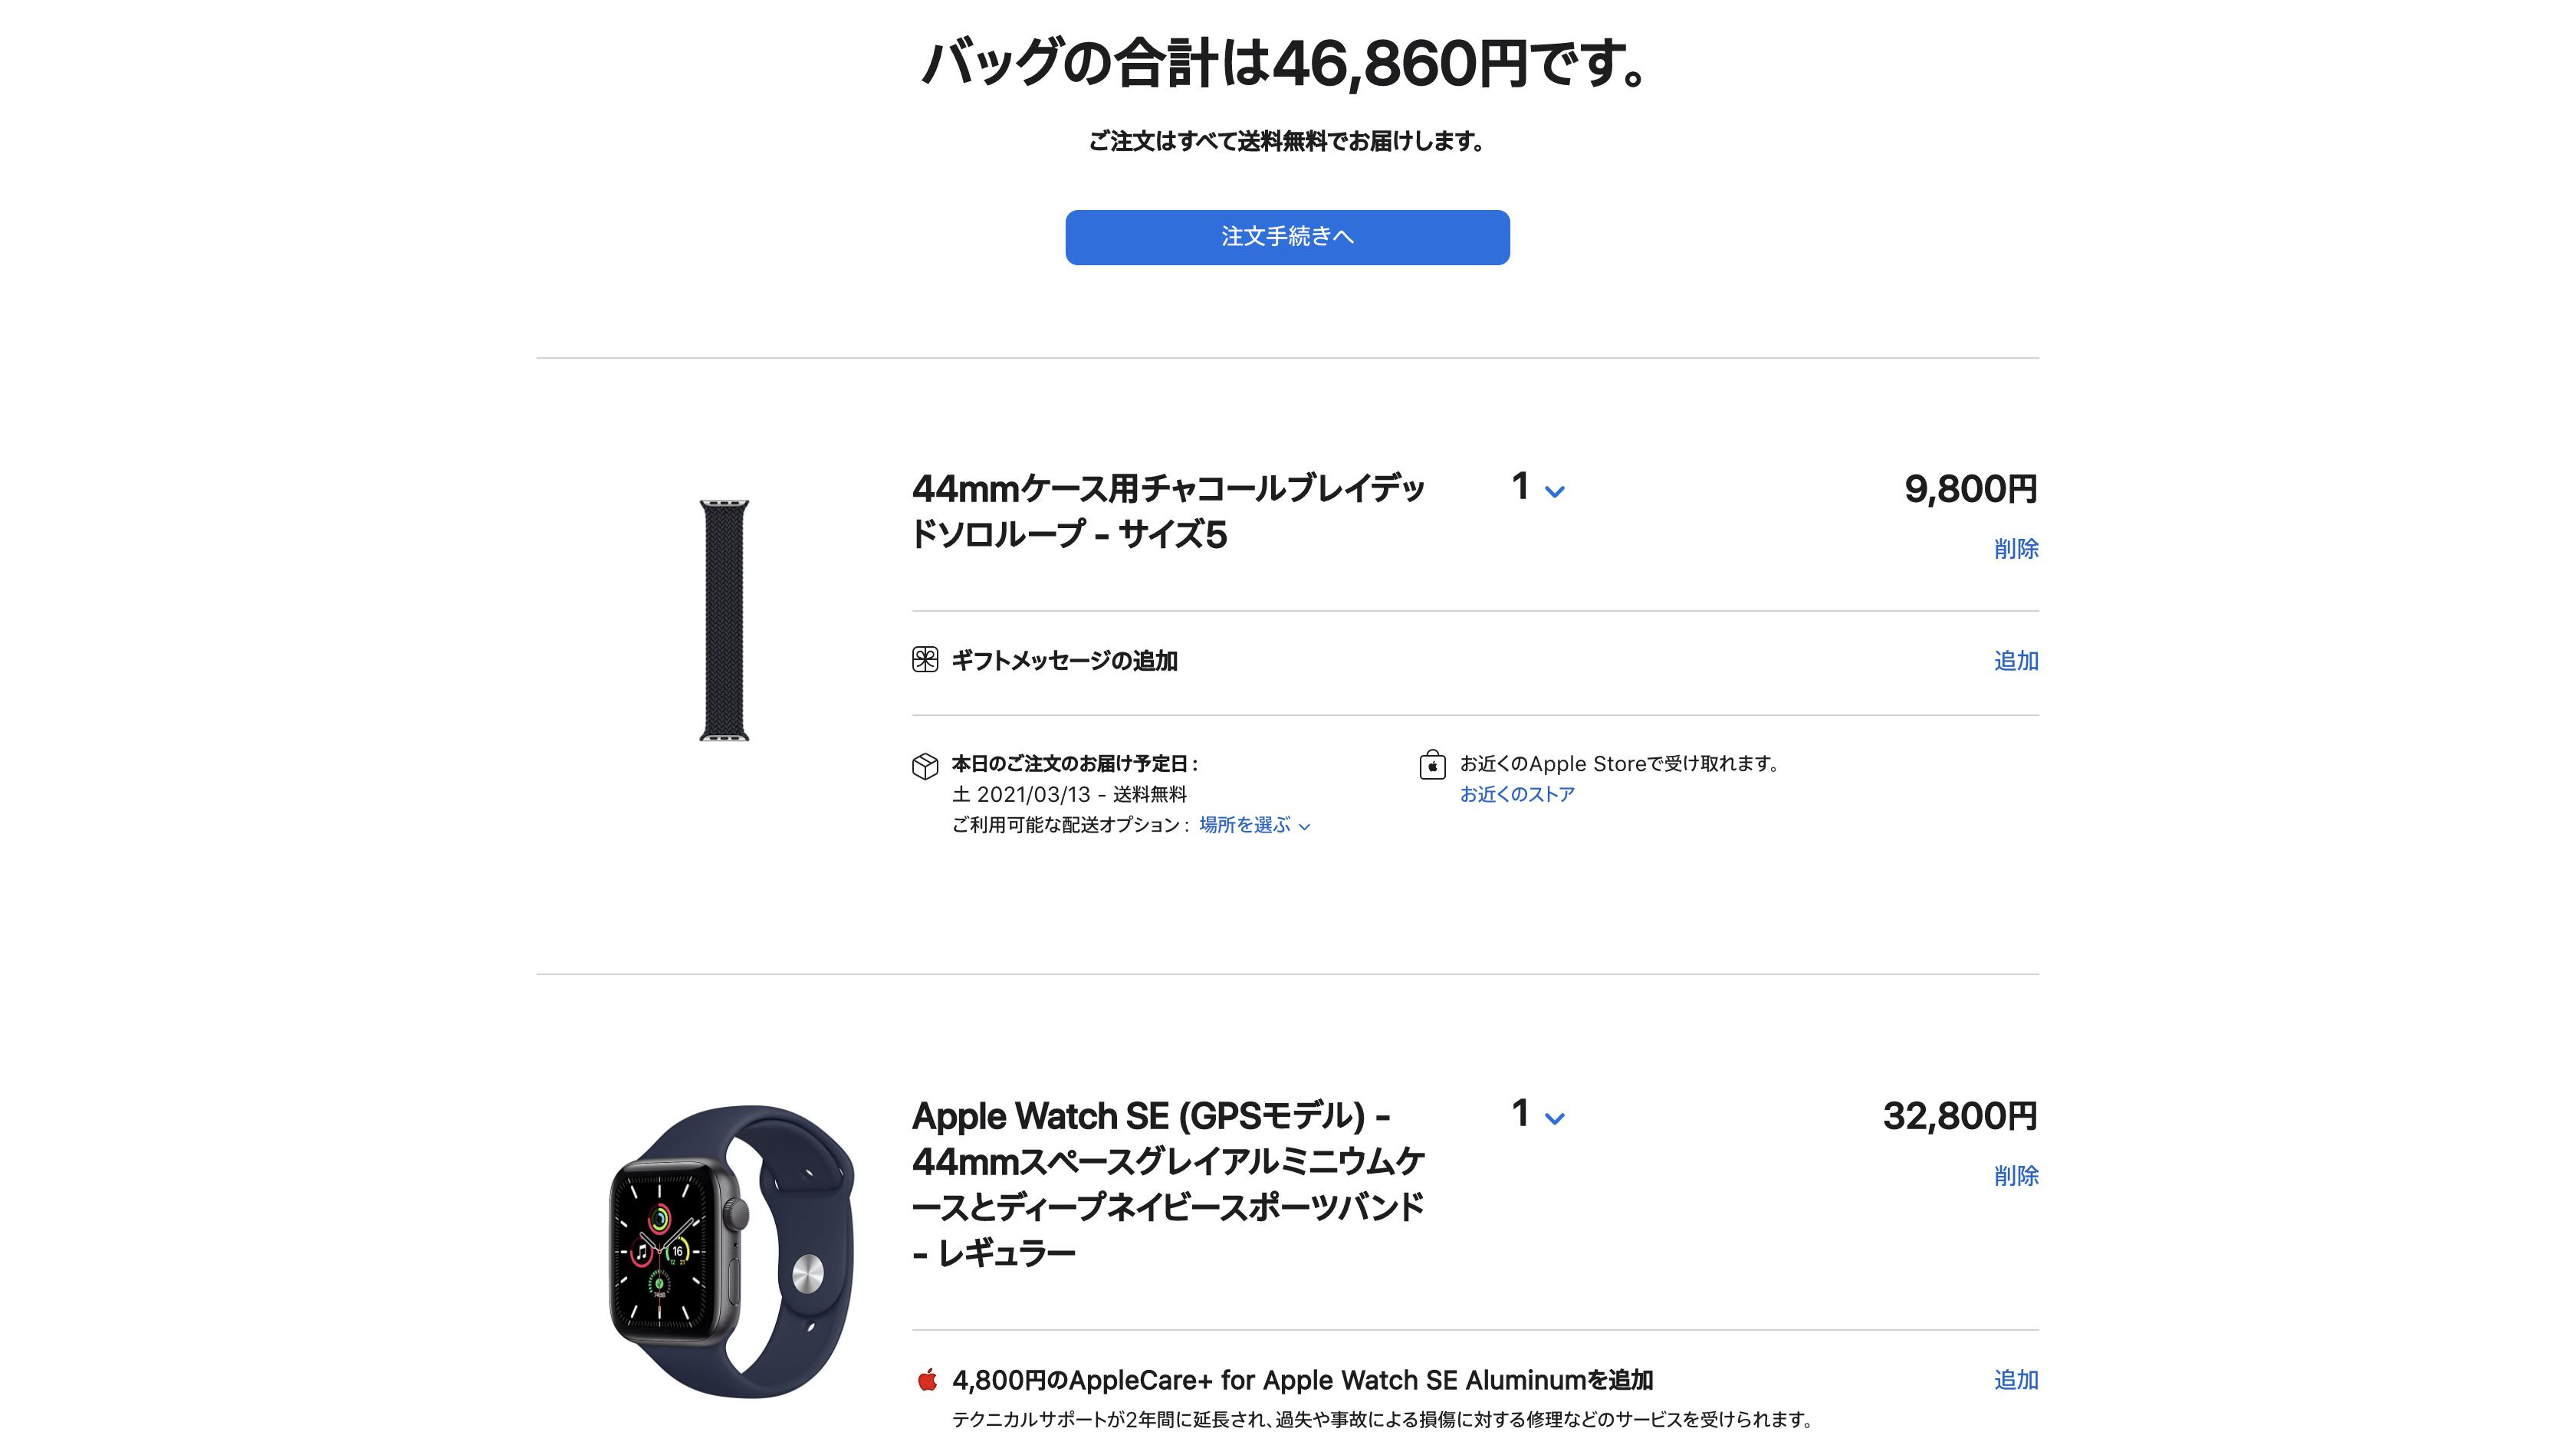 Apple Watch SEとブレイデットソロループをお得に買う